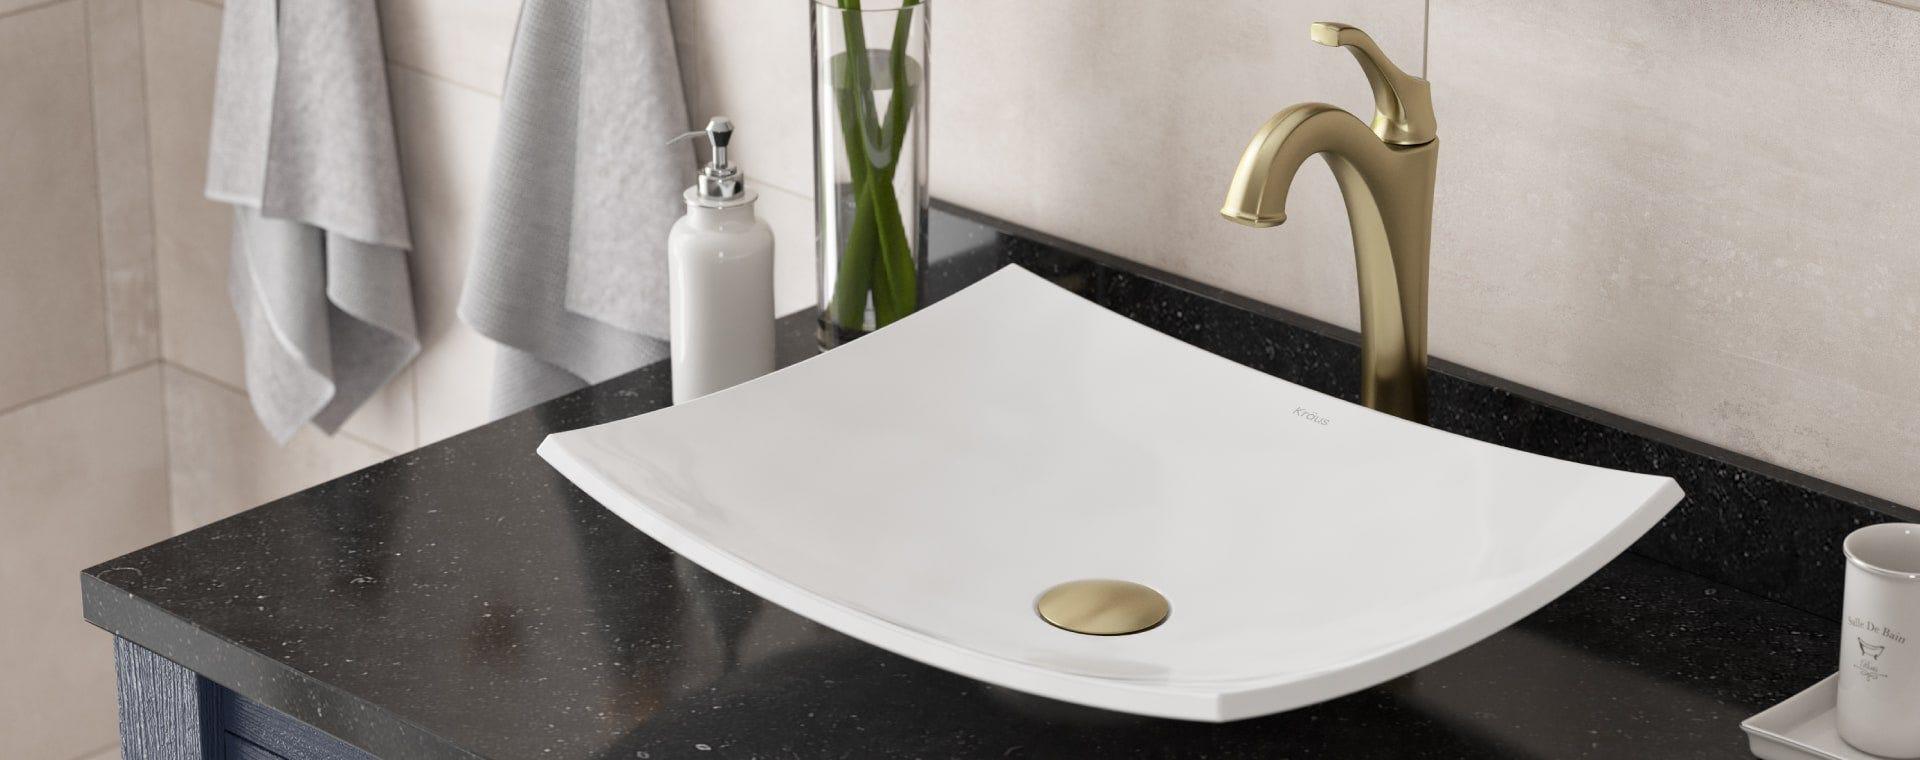 Natura™ Bathroom Sinks